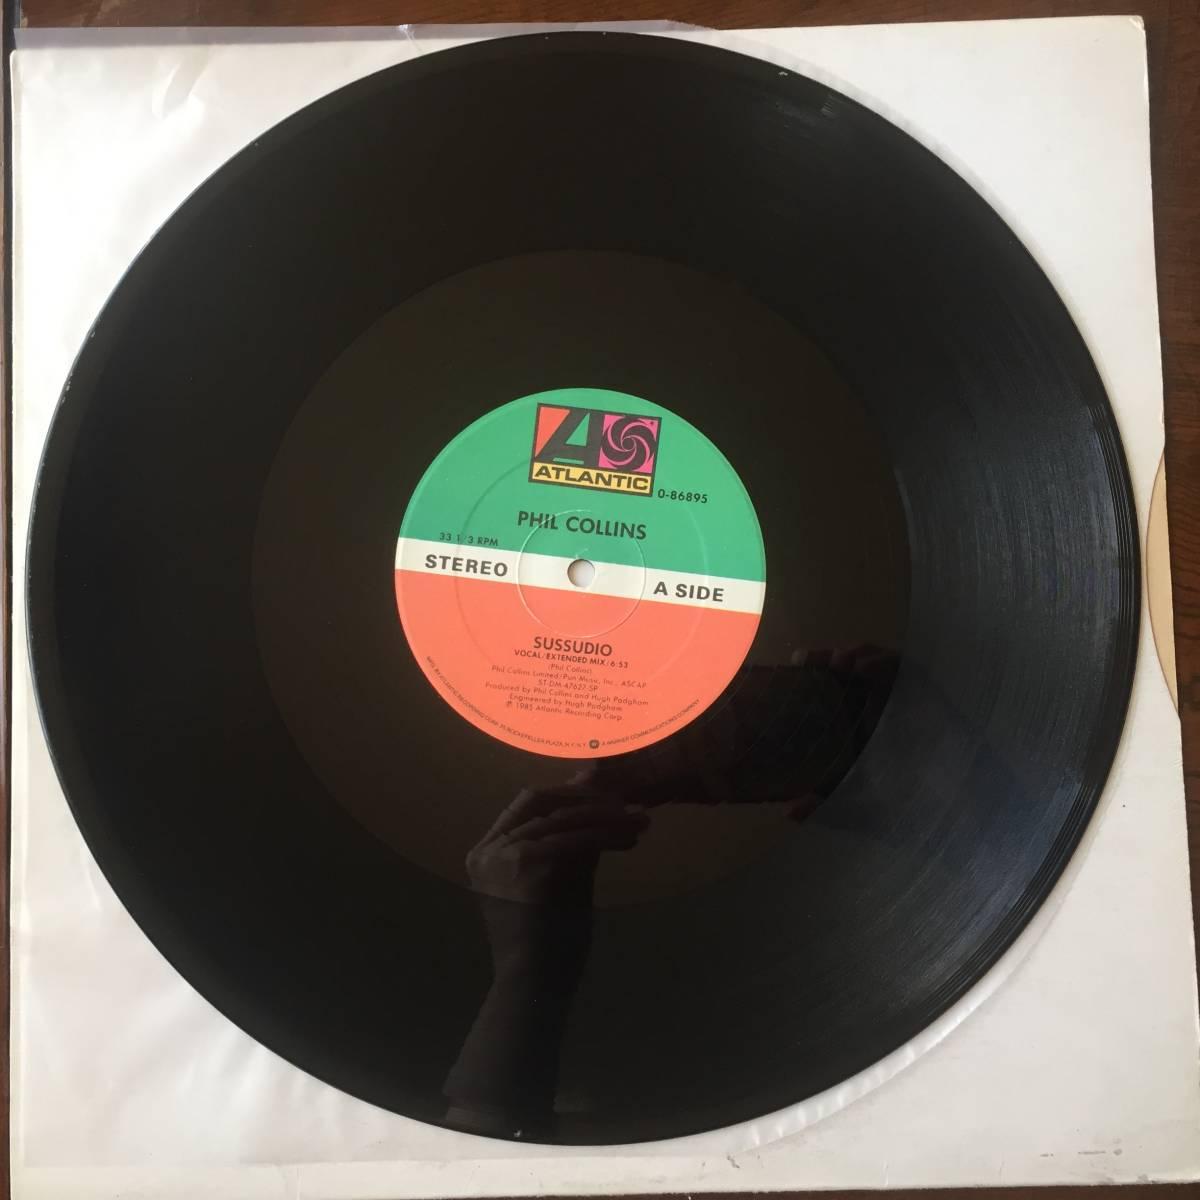 【送料無料】181002〇LP 12 Phil Collins - Sussudio THE MAN WITH THE HORN / フィルコリンズ / Atlantic - 0-86895 / 1985年 ユーロ POP_画像3